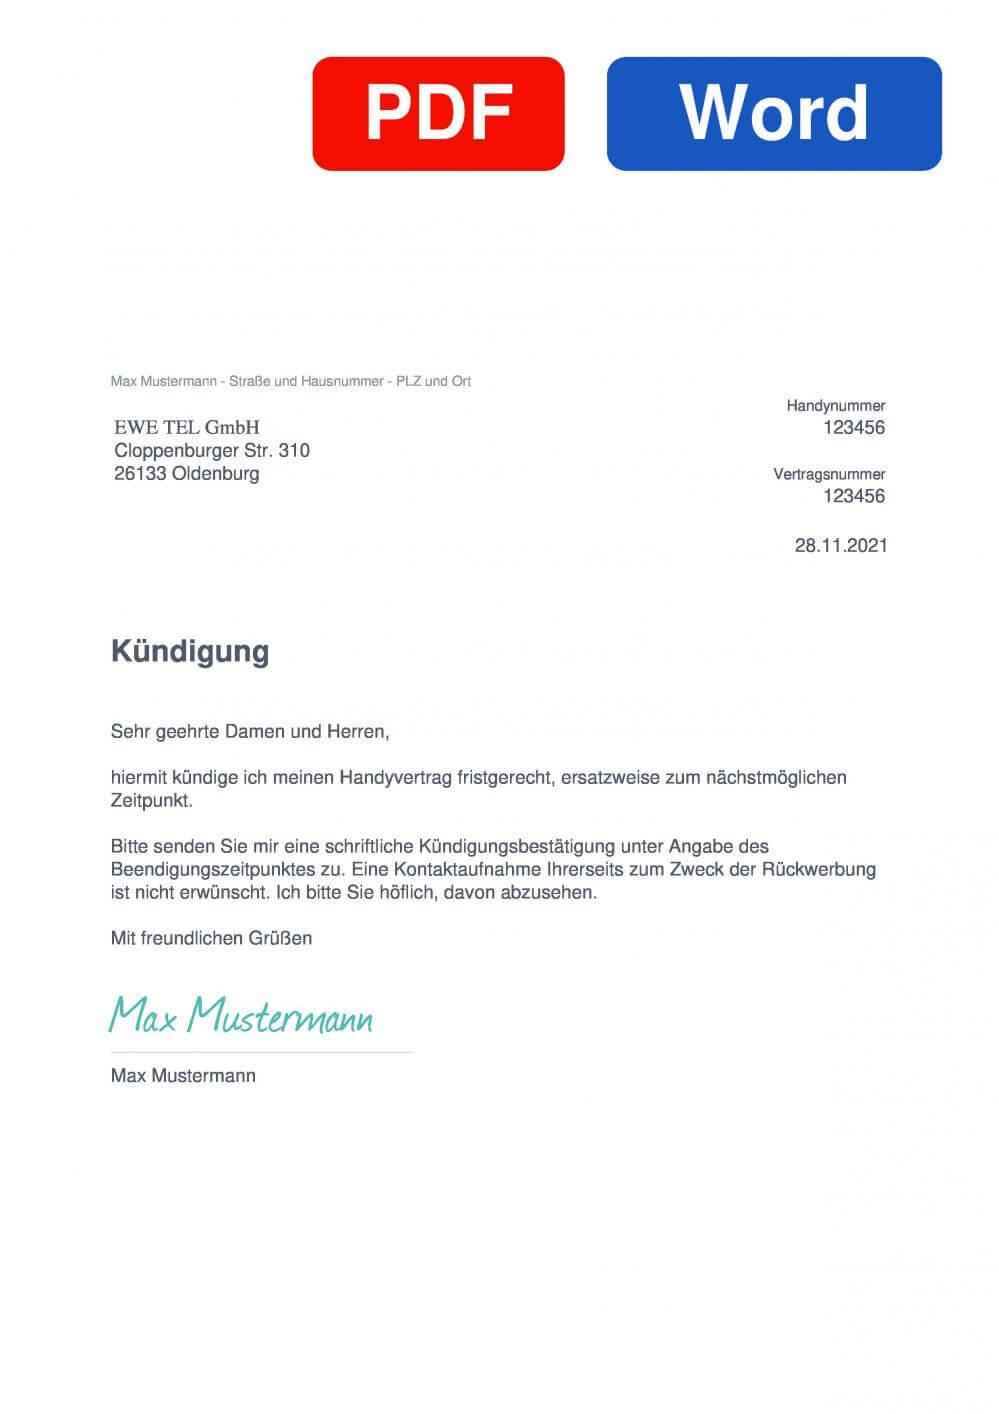 EWE Handyvertrag Muster Vorlage für Kündigungsschreiben